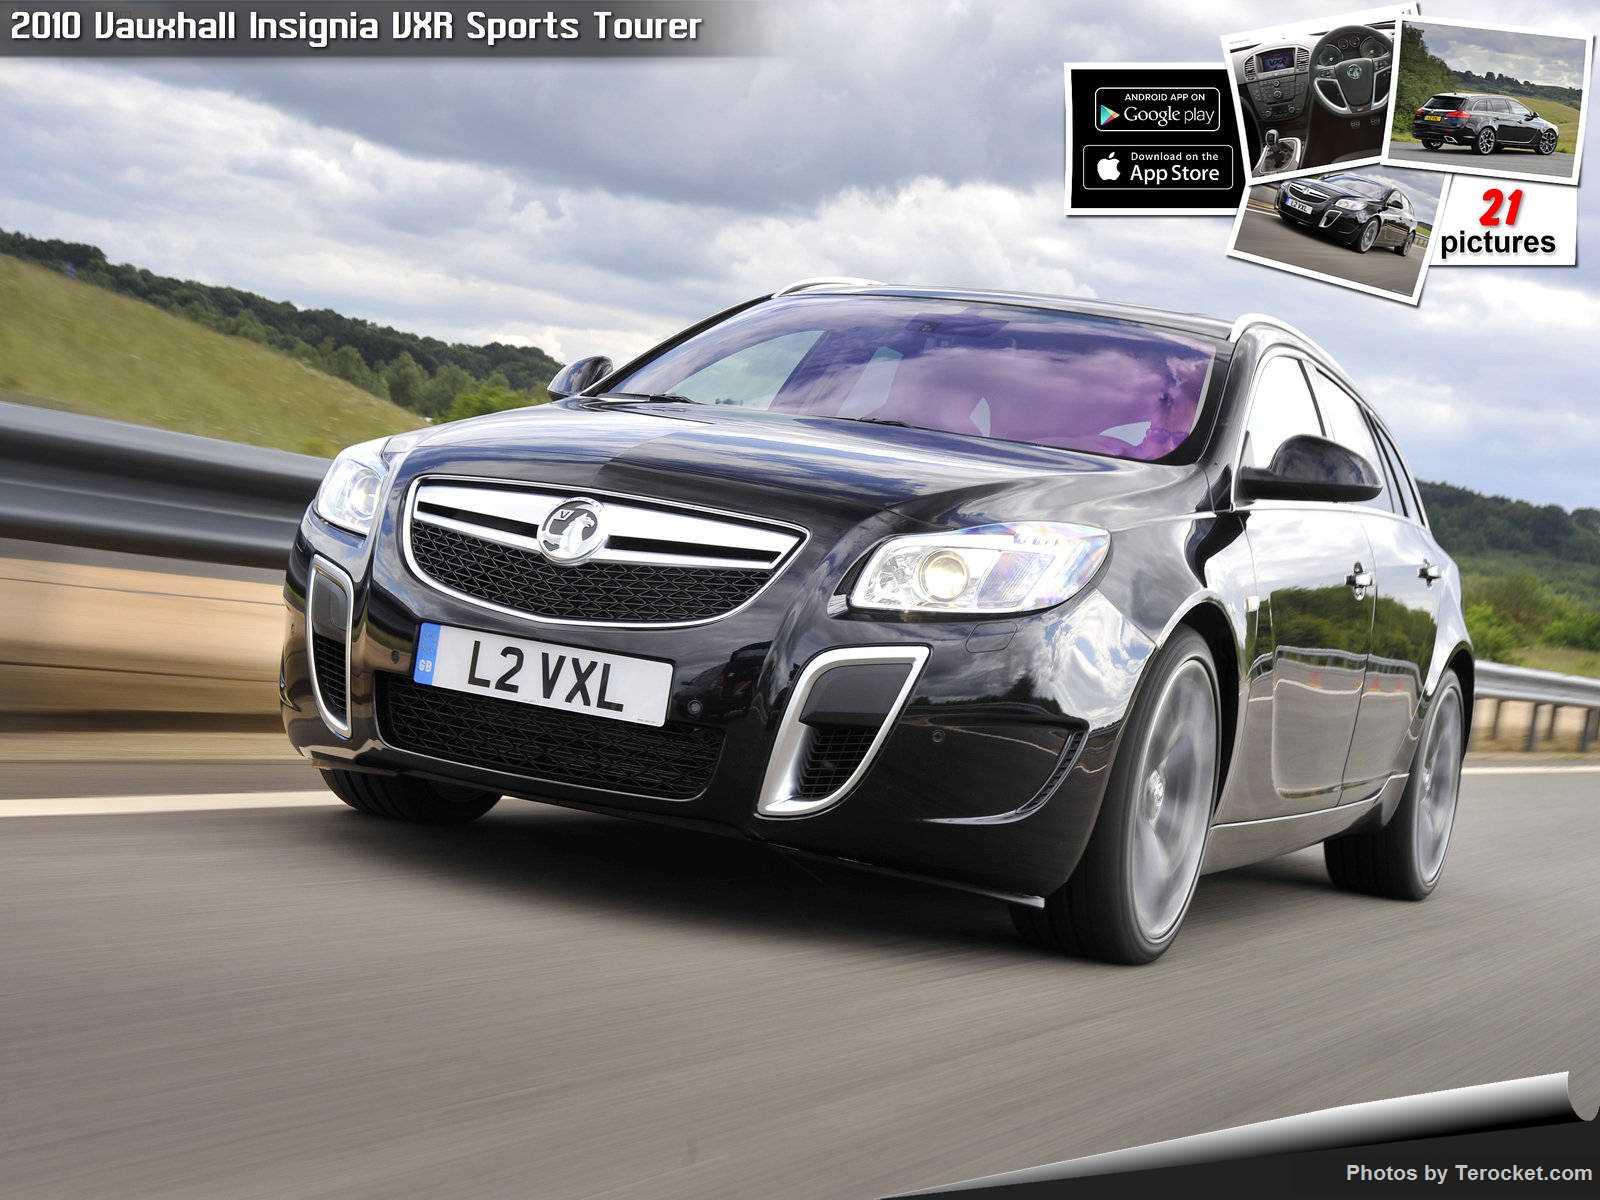 Hình ảnh xe ô tô Vauxhall Insignia VXR Sports Tourer 2010 & nội ngoại thất